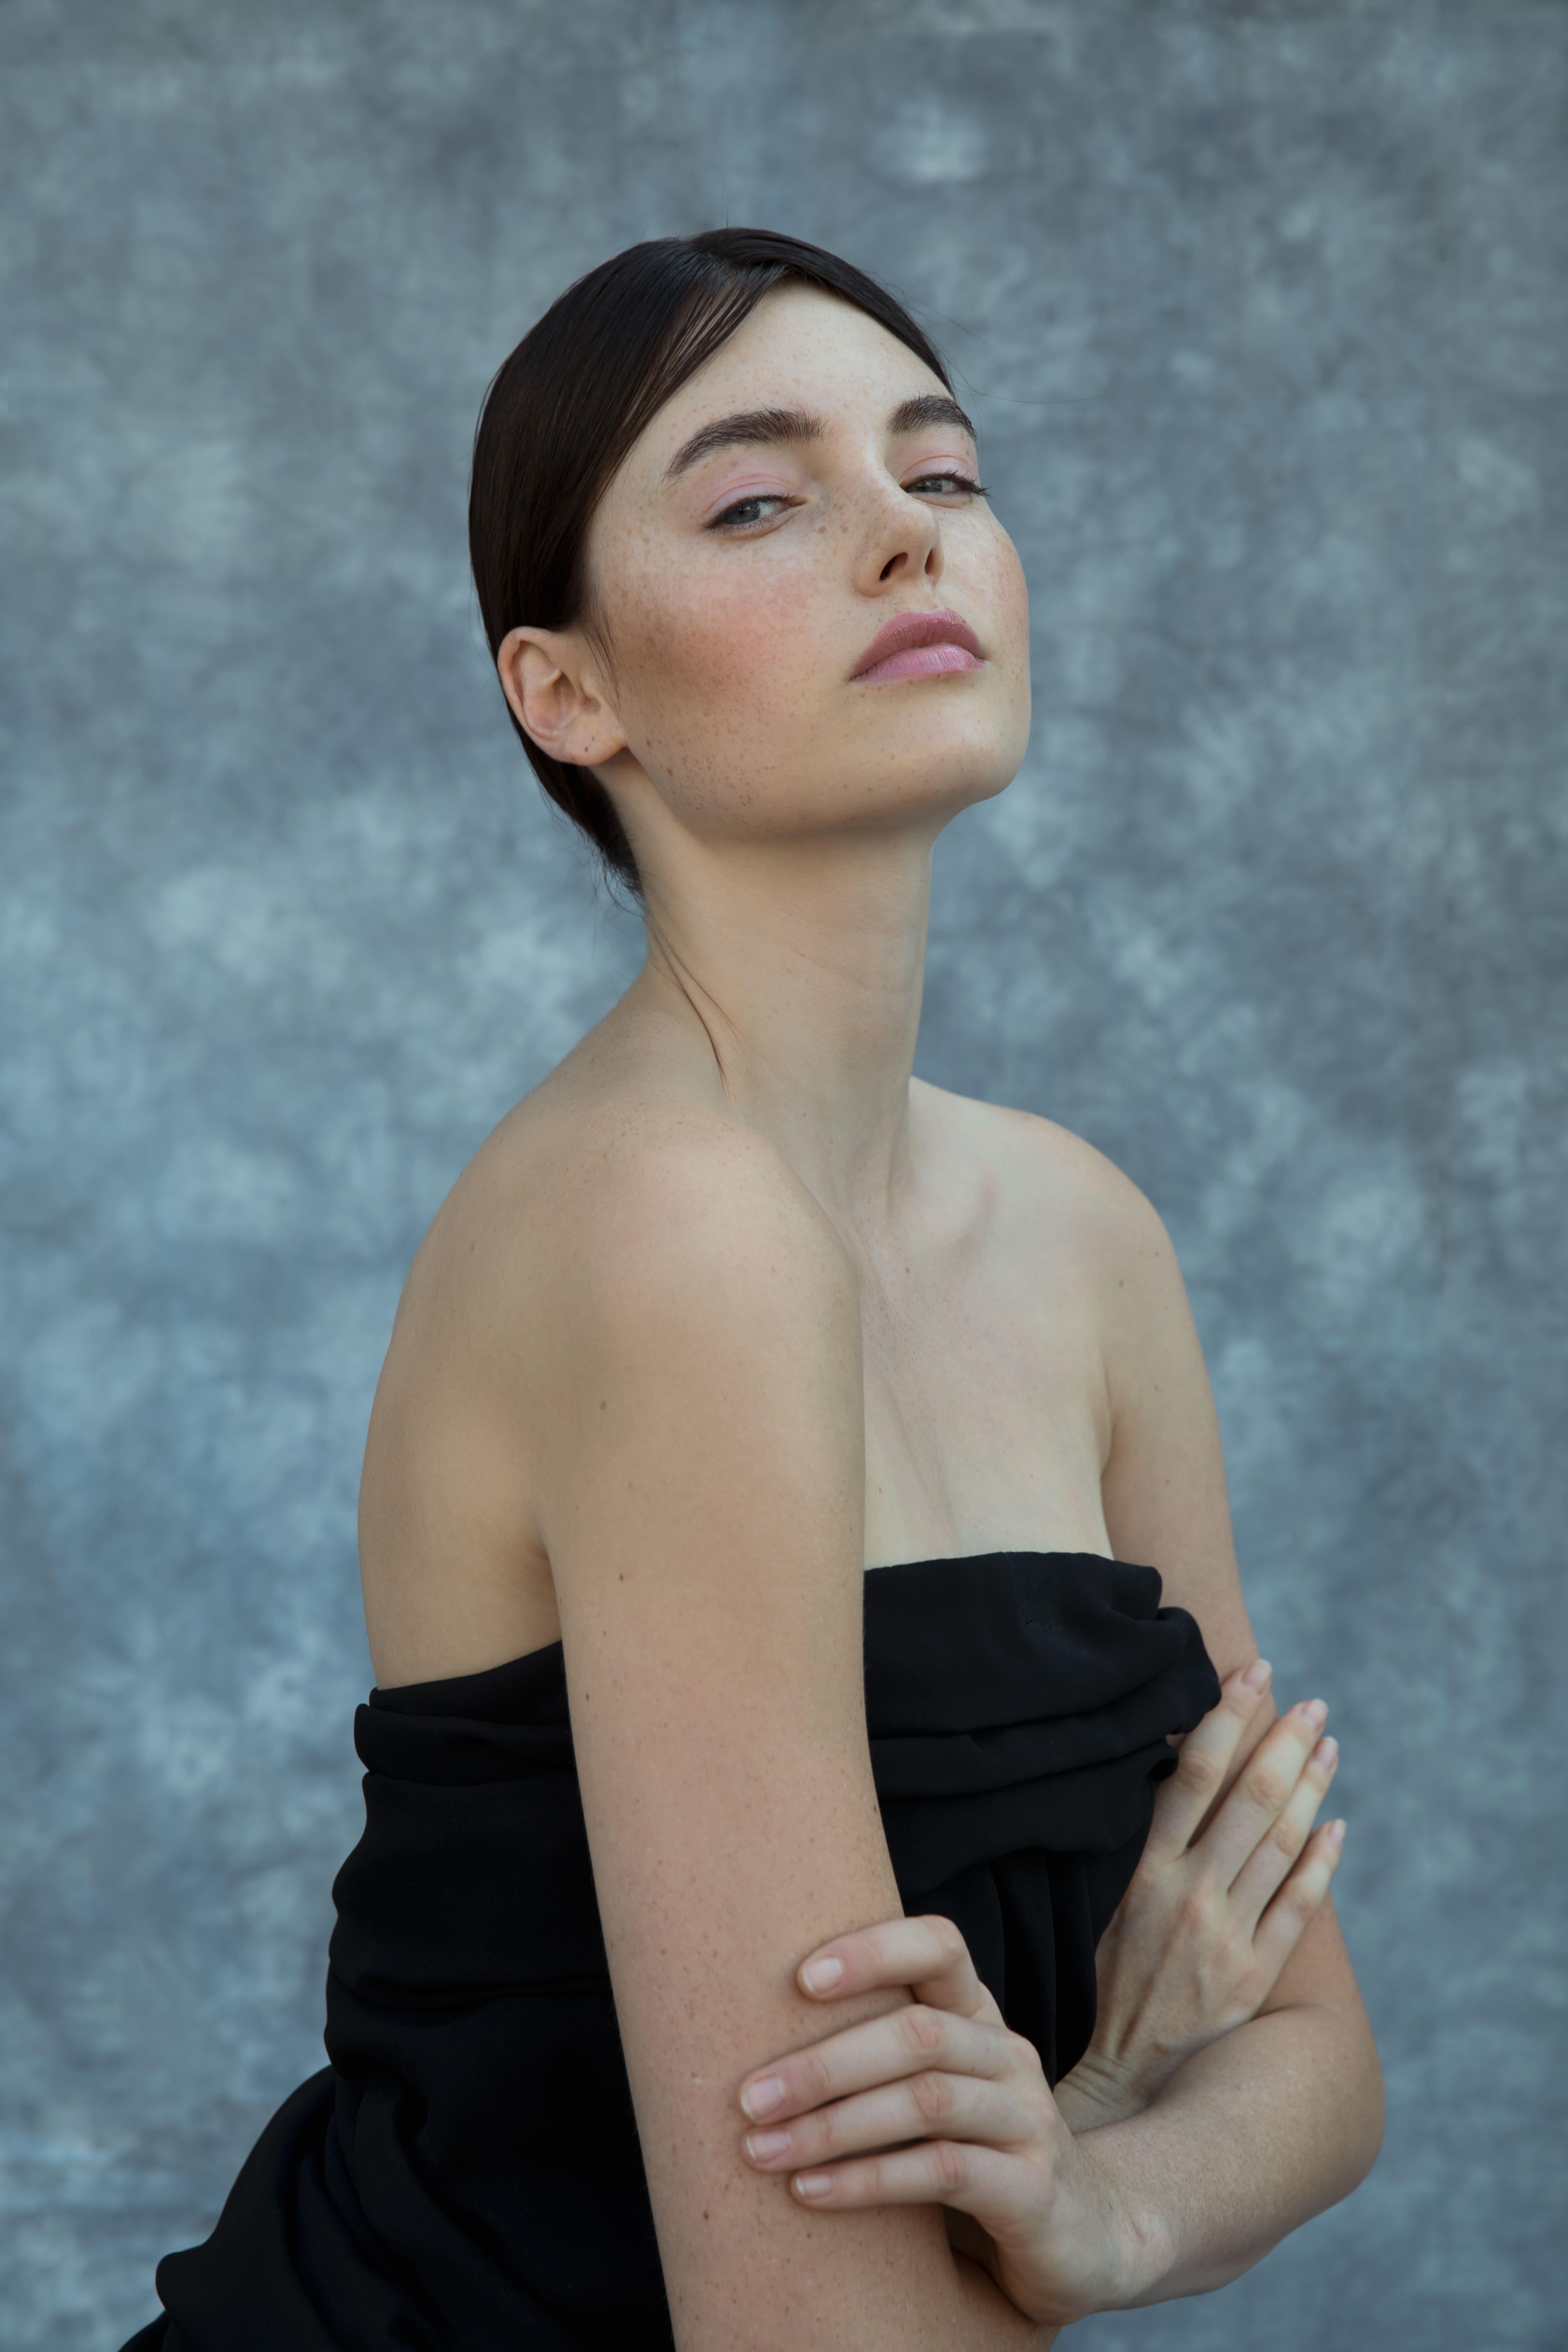 Celine bethmann munich models emma thoen